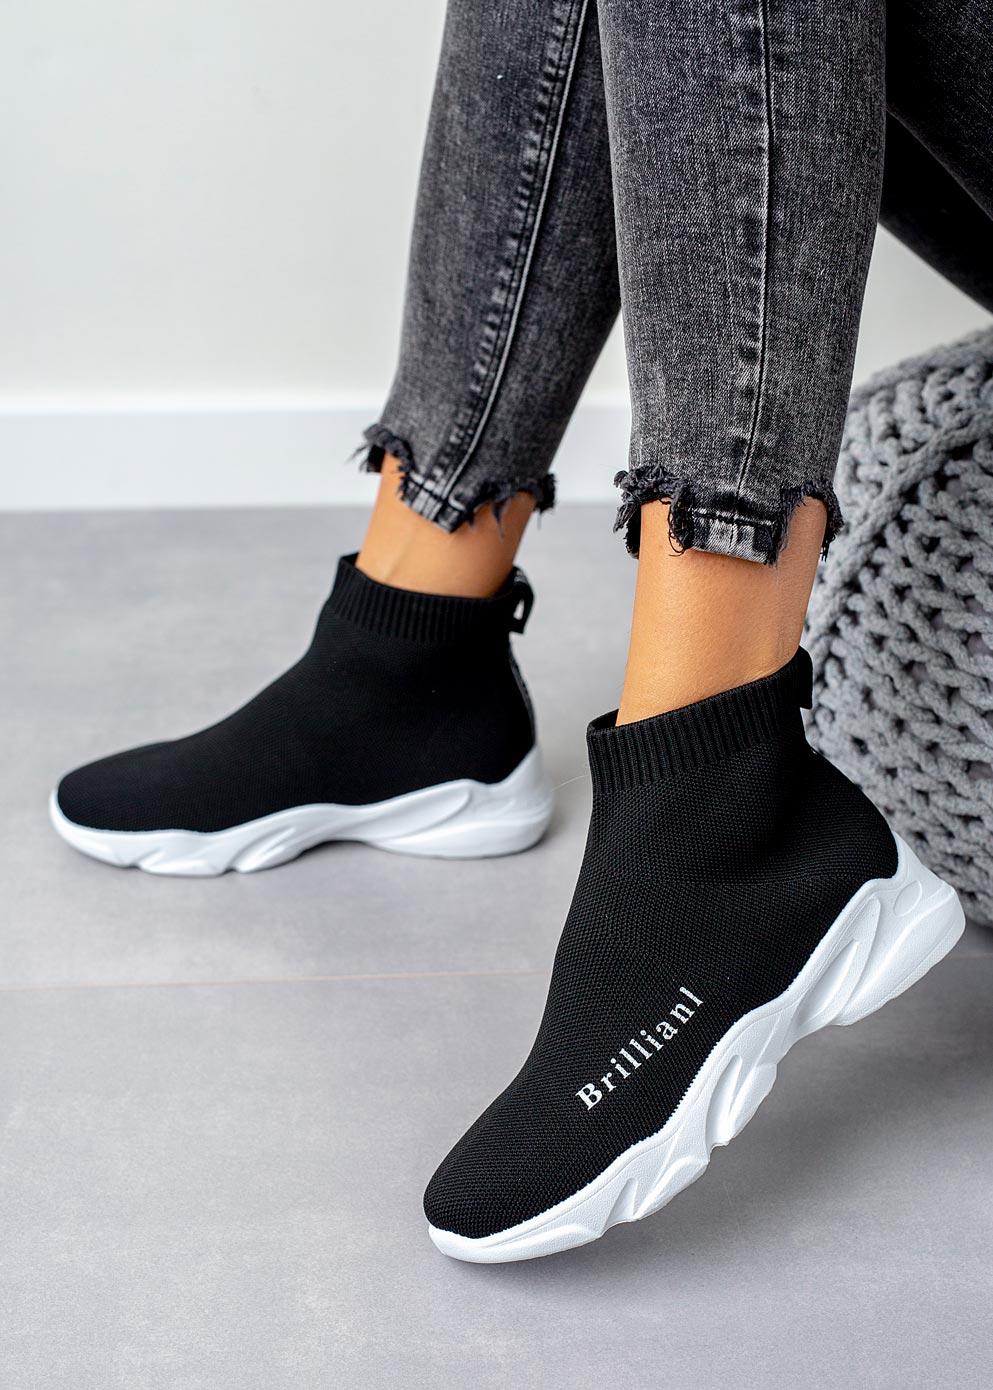 Sneakersy skarpetkowe zapinane na zamek błyskawiczny Ceny